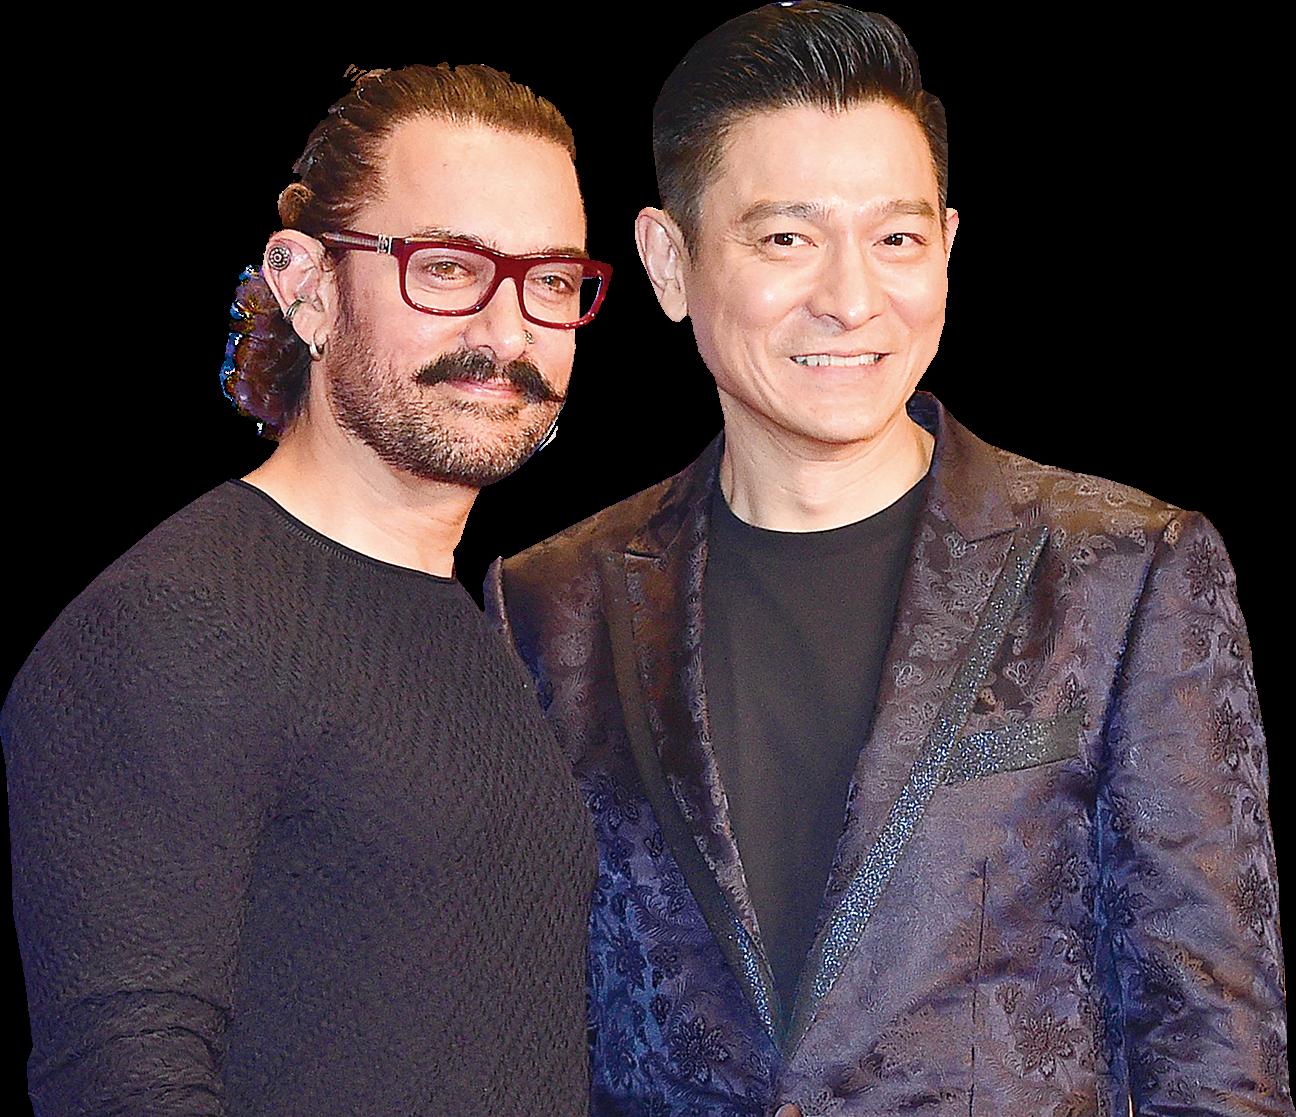 「印度劉德華」阿米爾汗與華仔同台,華仔笑稱自己是「香港Aamir」。(郭威利╱大紀元)